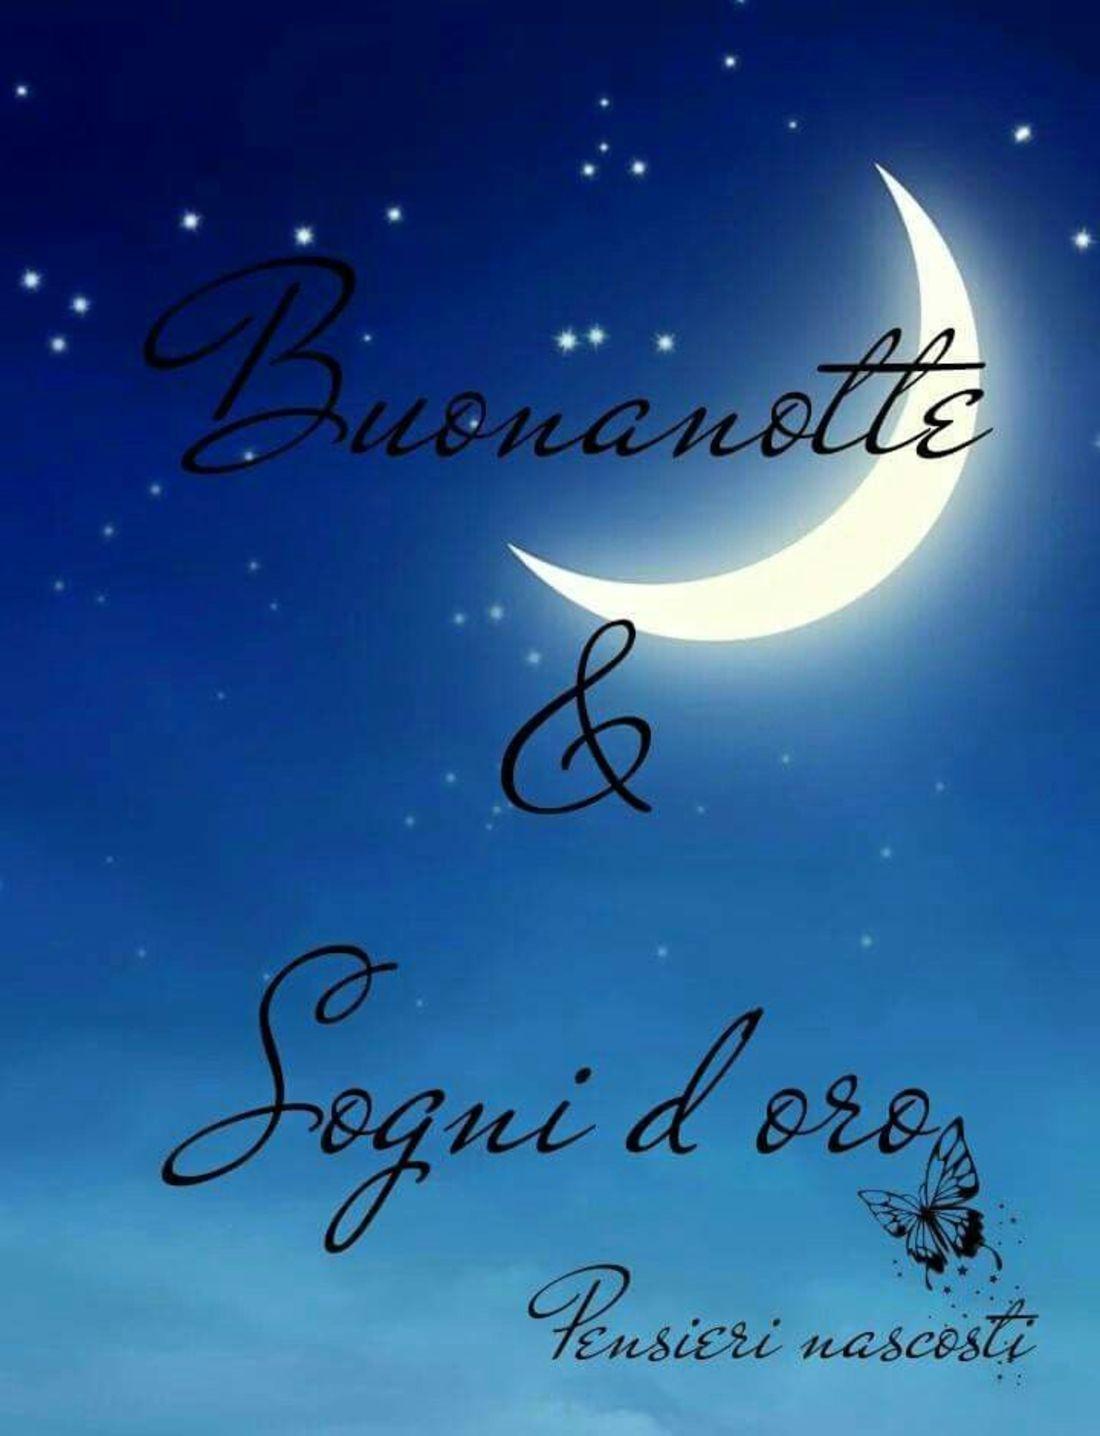 Buonanotte e Sogni d'Oro